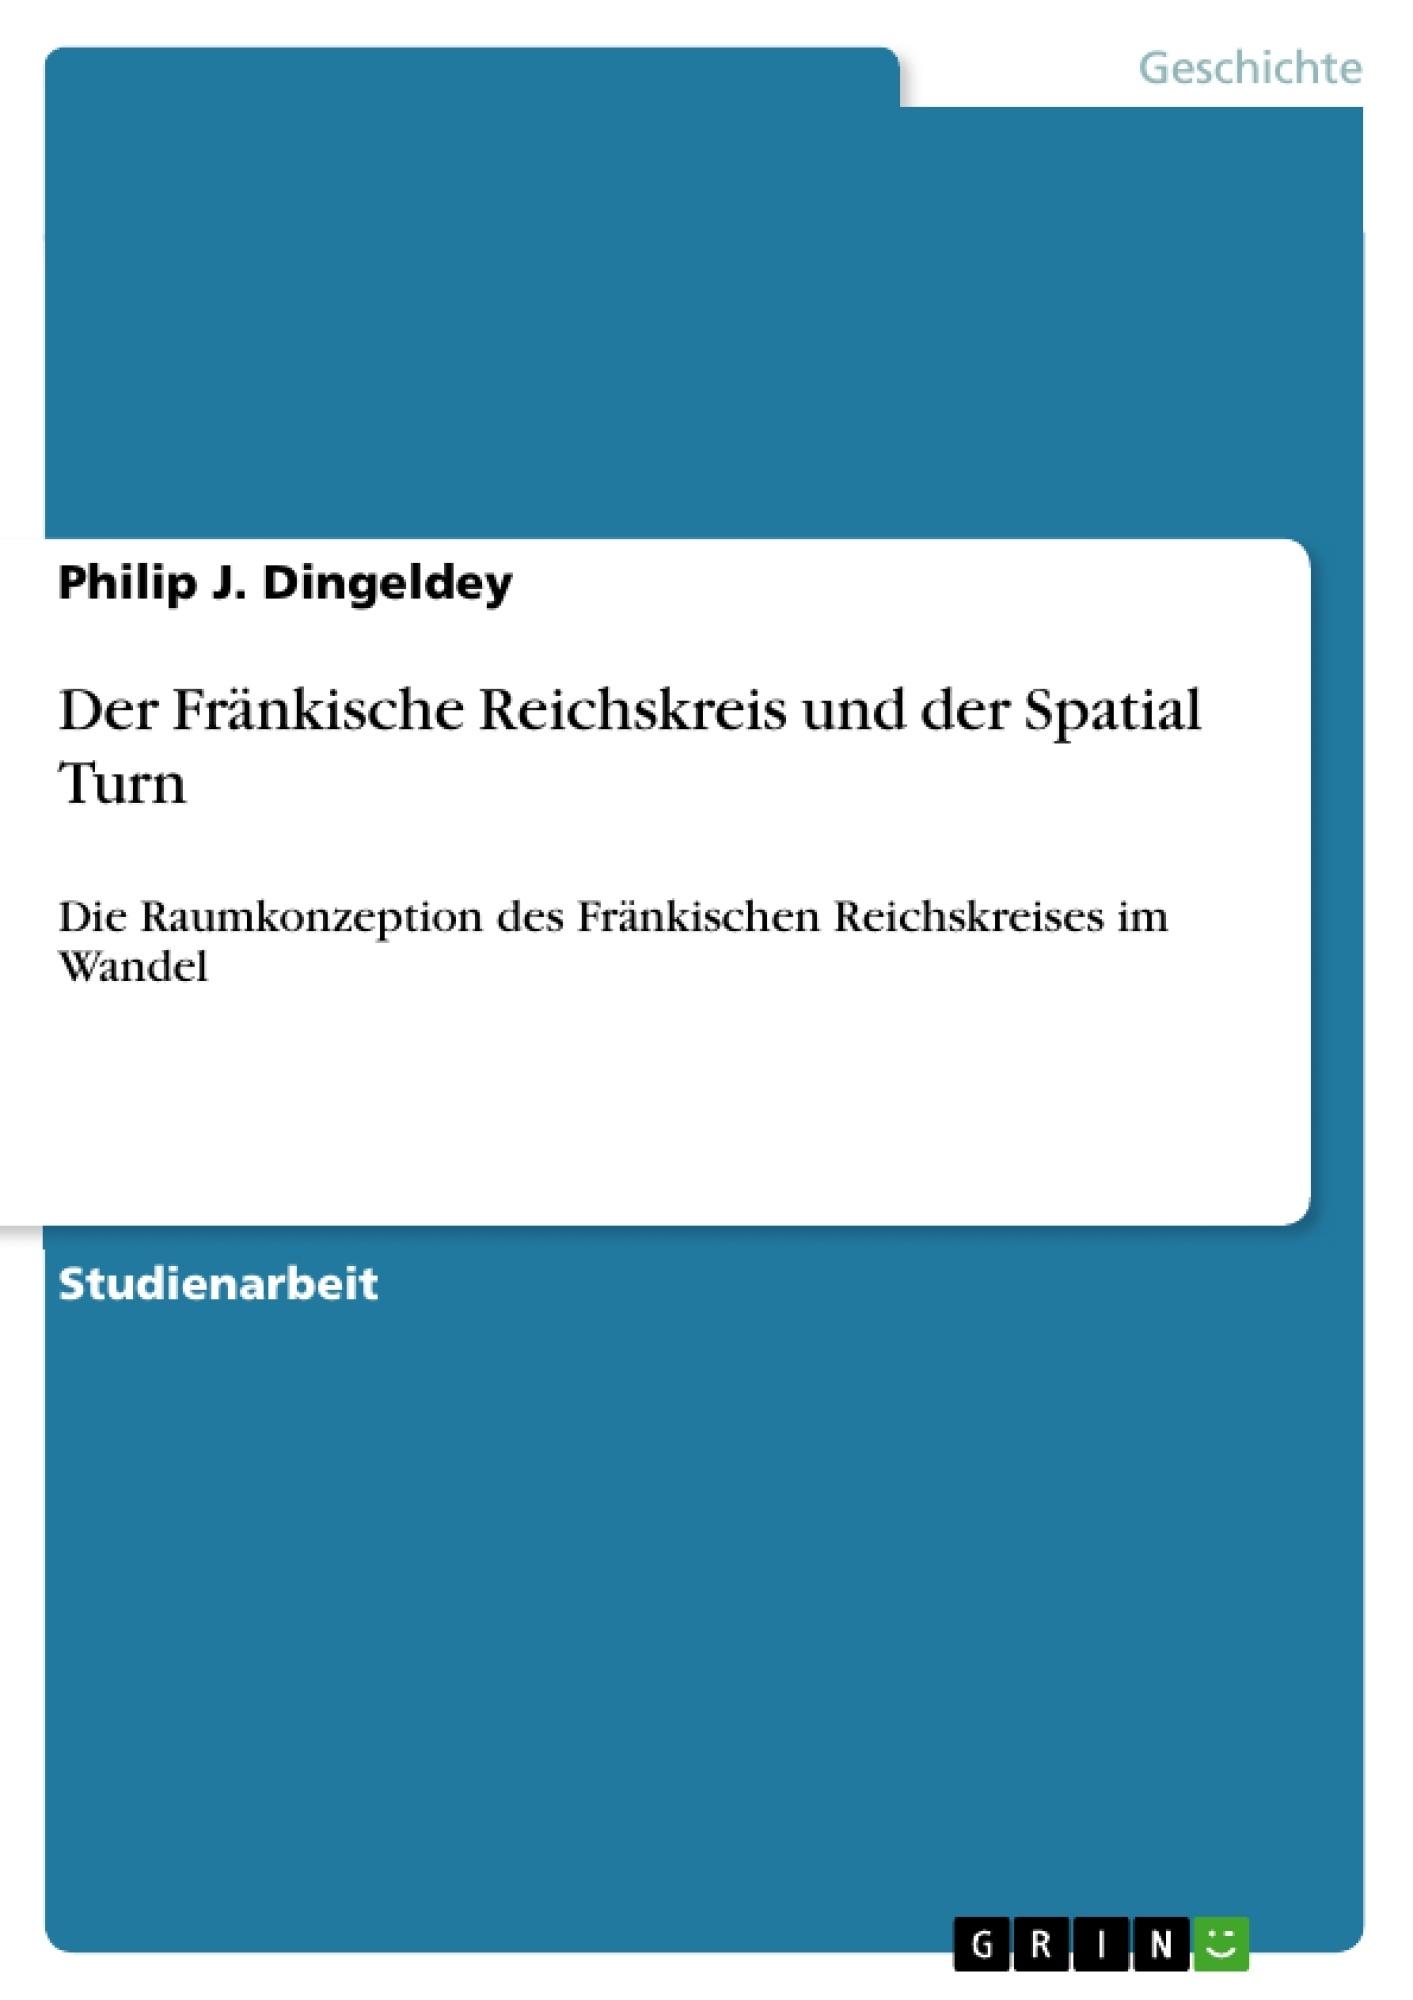 Titel: Der Fränkische Reichskreis und der Spatial Turn